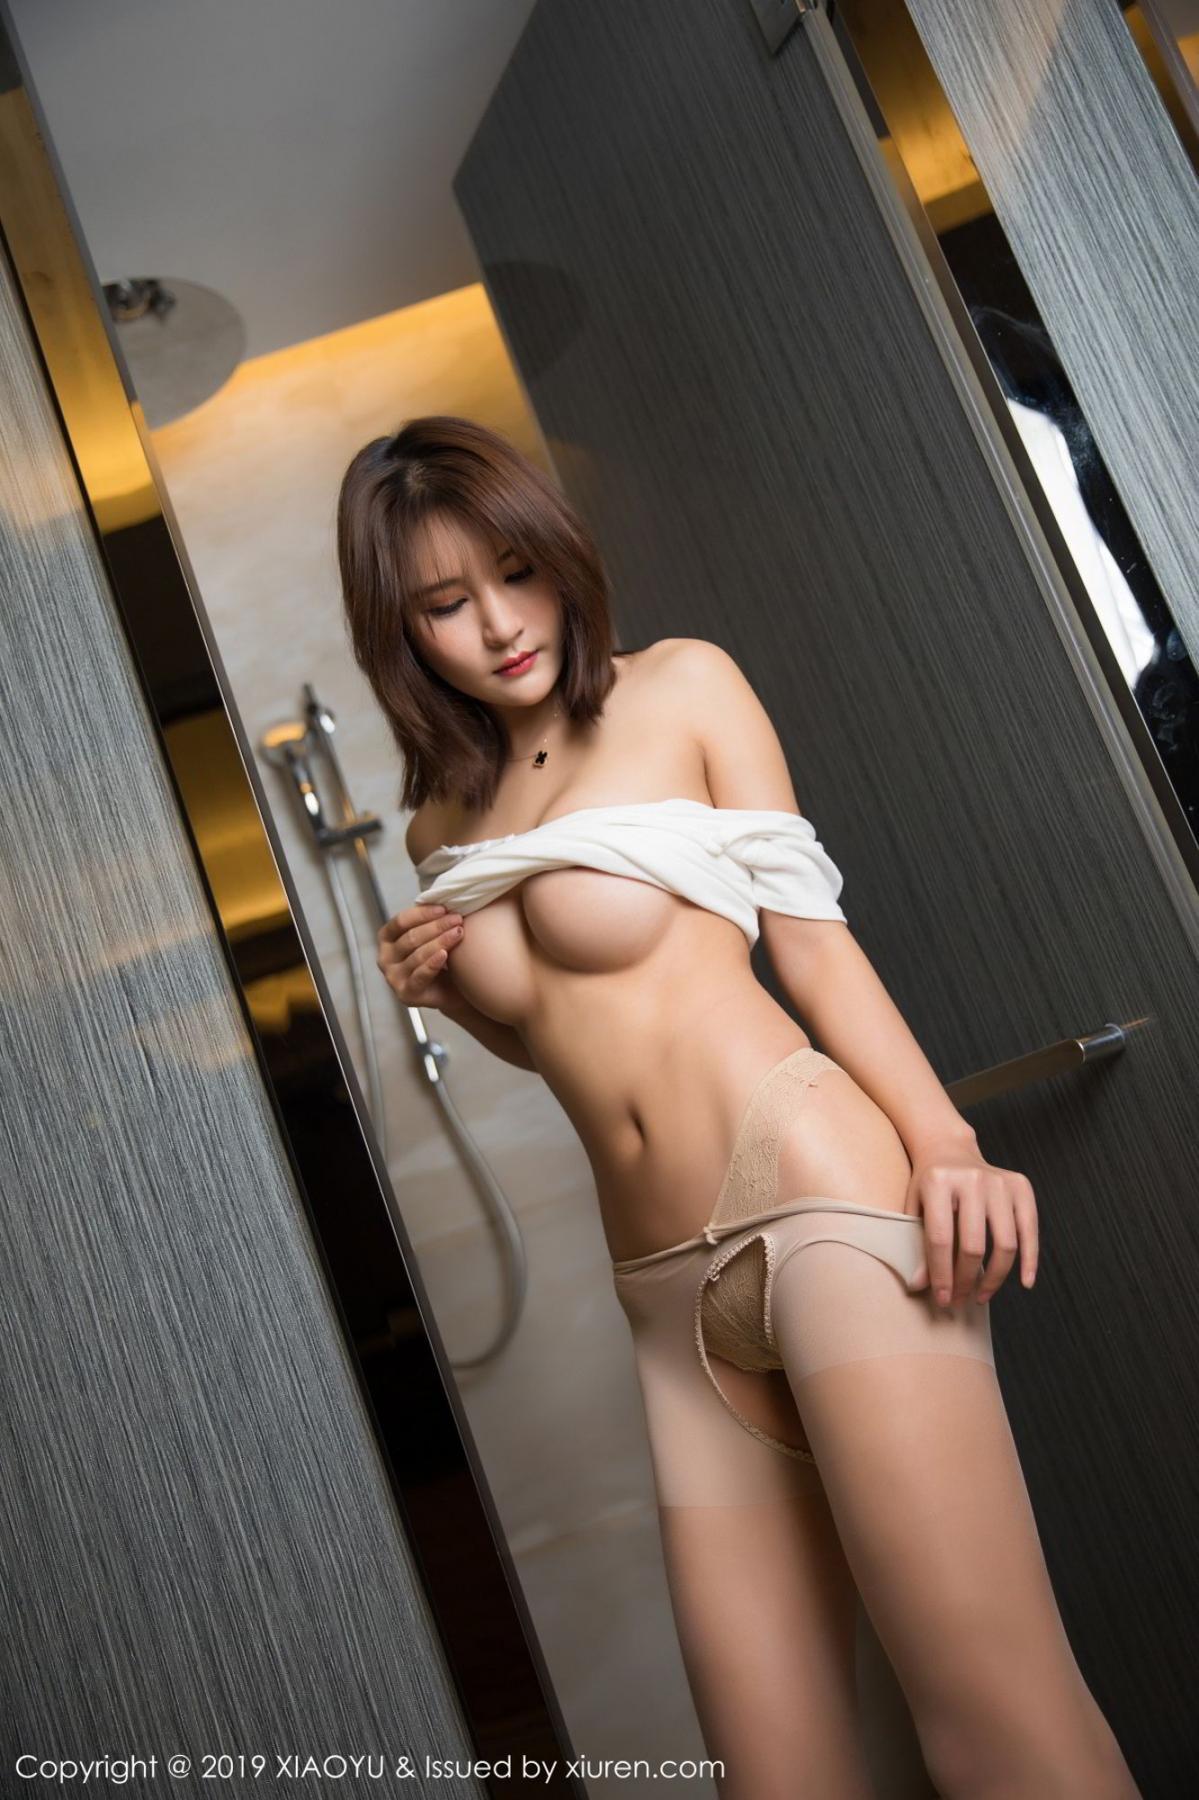 [XiaoYu] Vol.112 Solo Yi Fei 53P, Solo Yi Fei, Underwear, XiaoYu